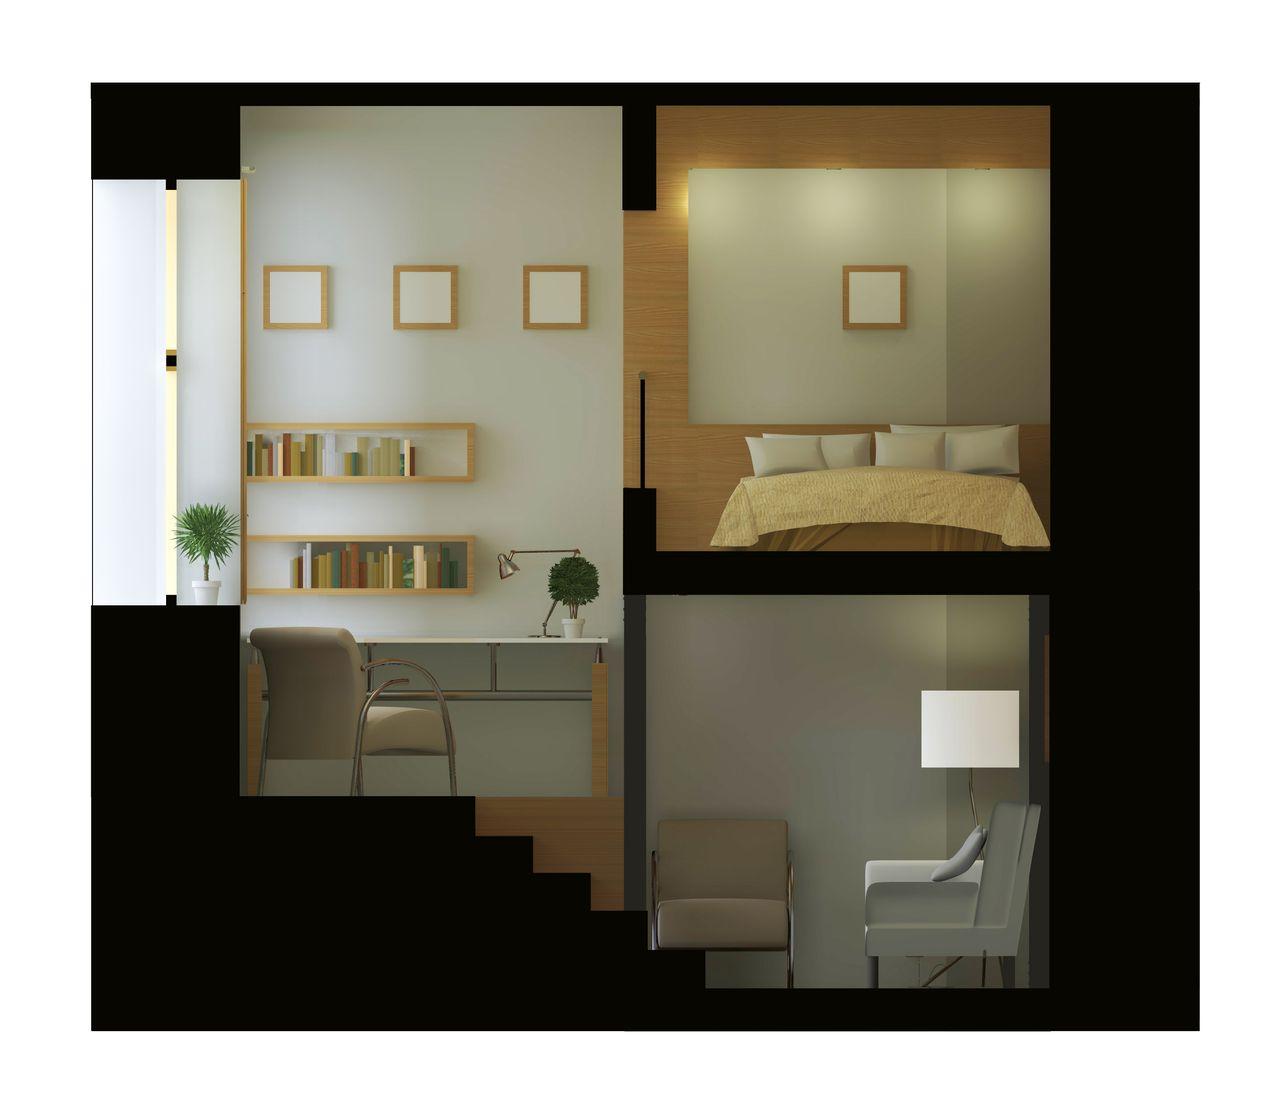 Проект реконструкции и перепланировки малогабаритной квартиры - Вид 3